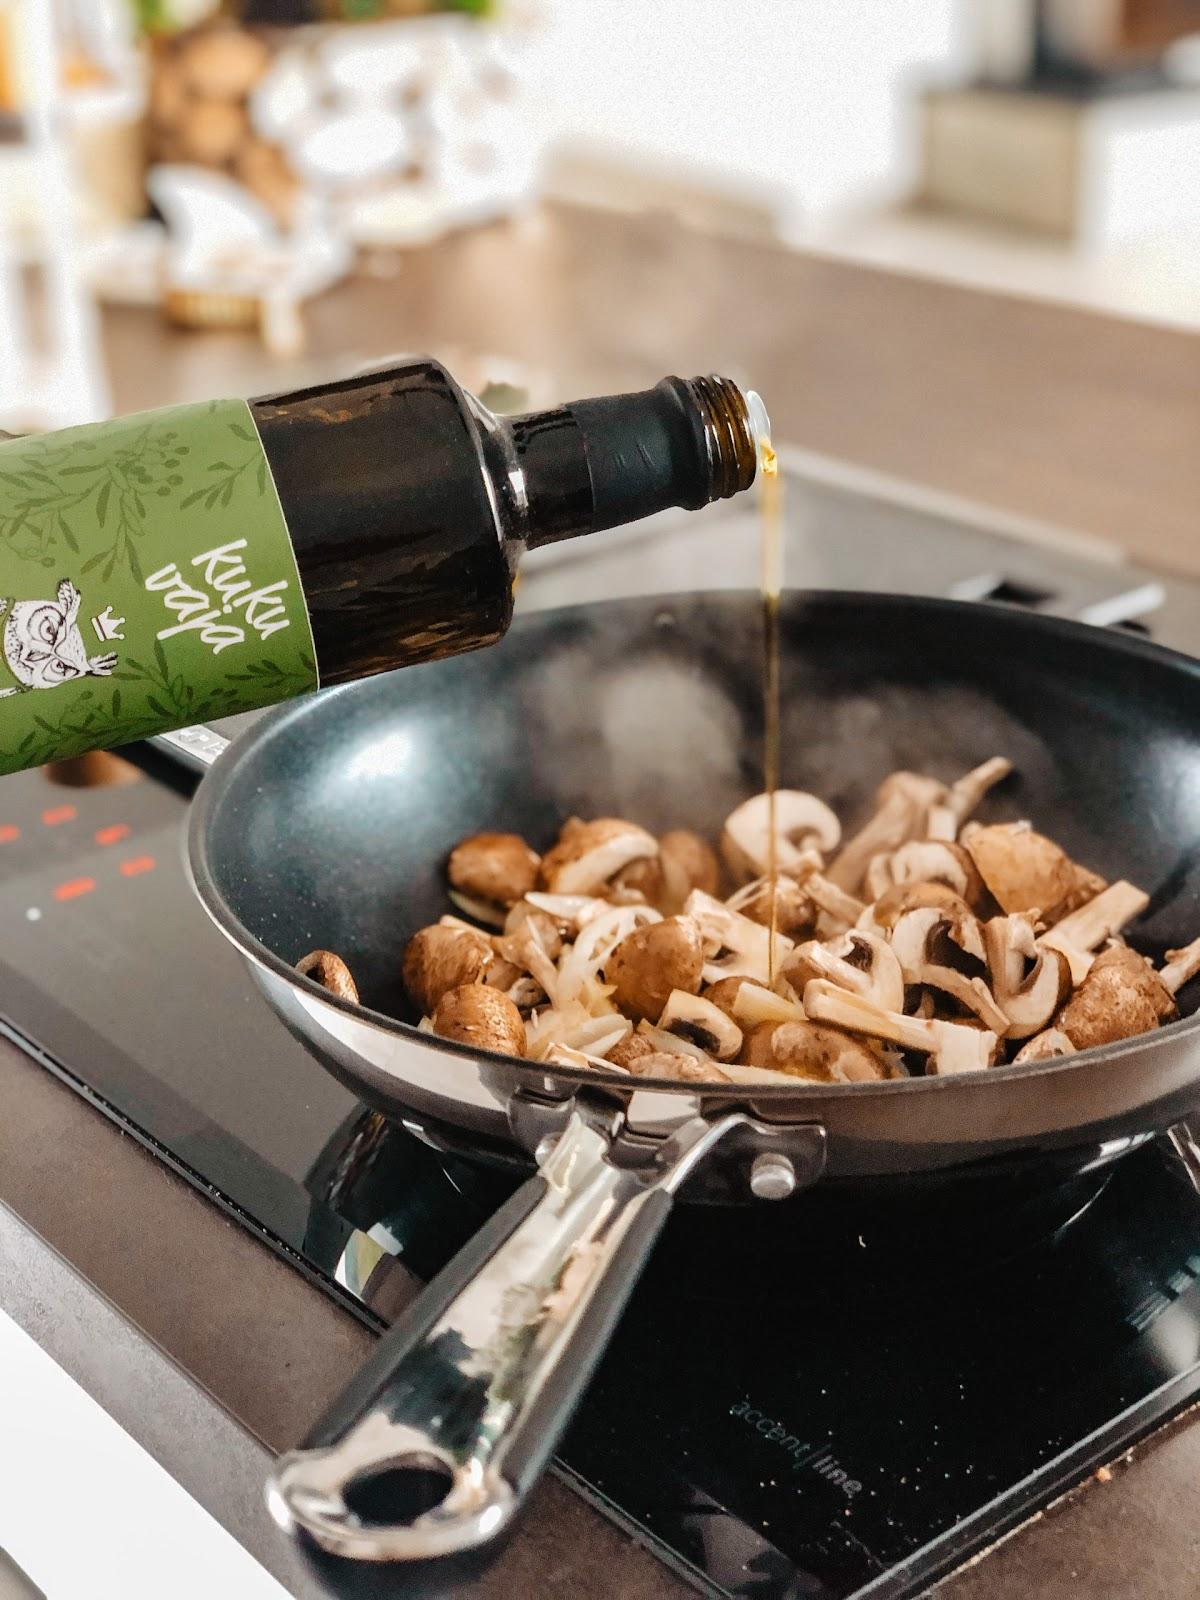 Kann ich mit nativem Olivenöl braten?